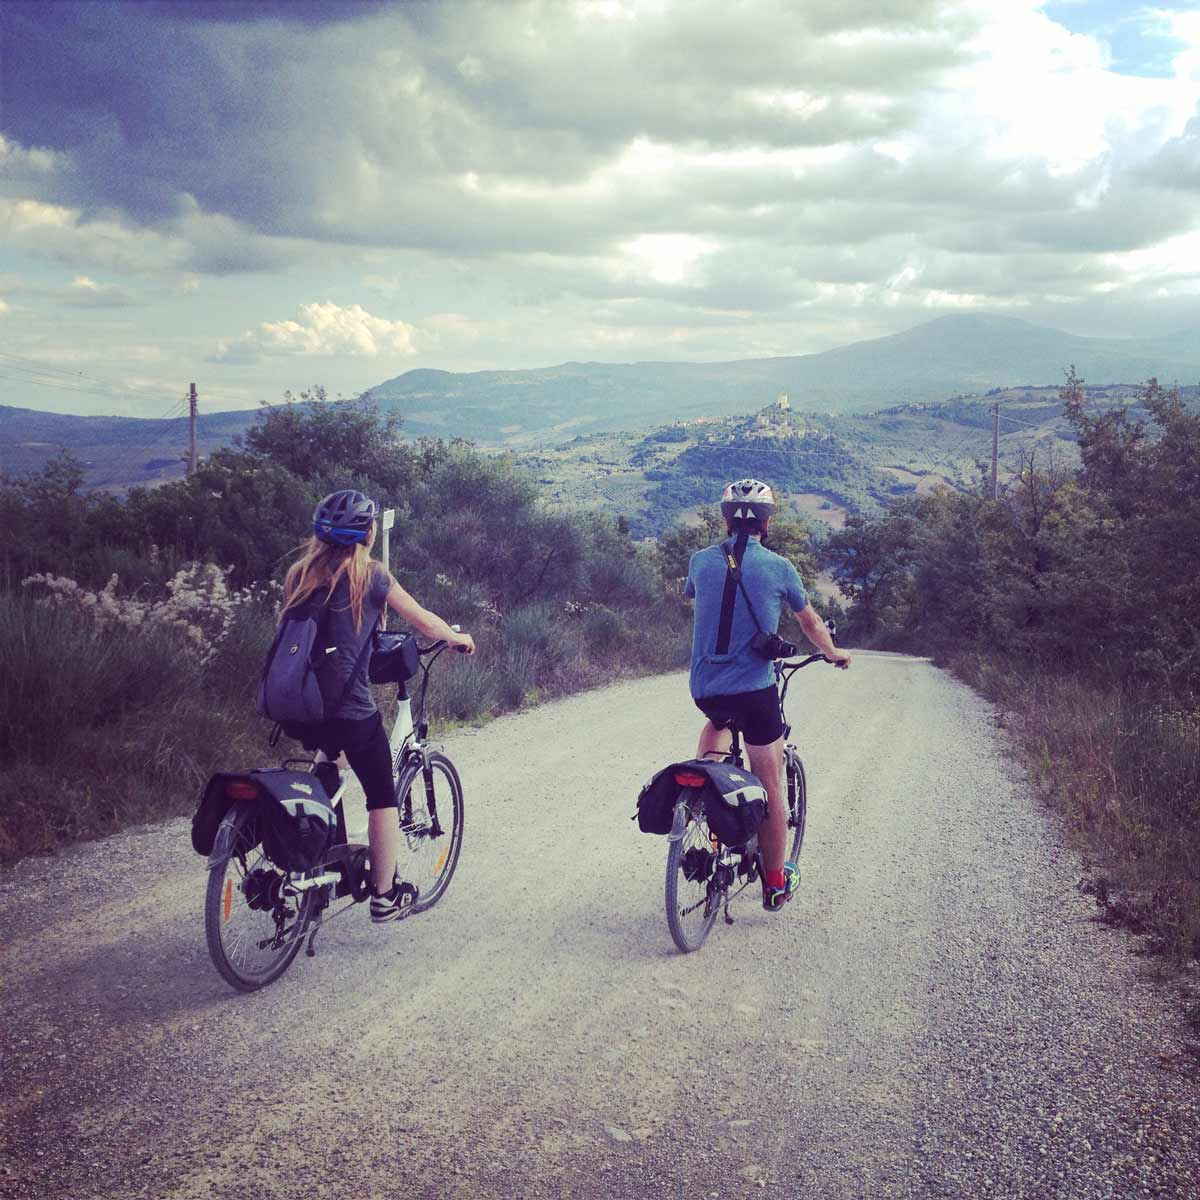 Francigena Press Tour // La discesa verso Bagno Vignoni con vista sul Monte Amiata